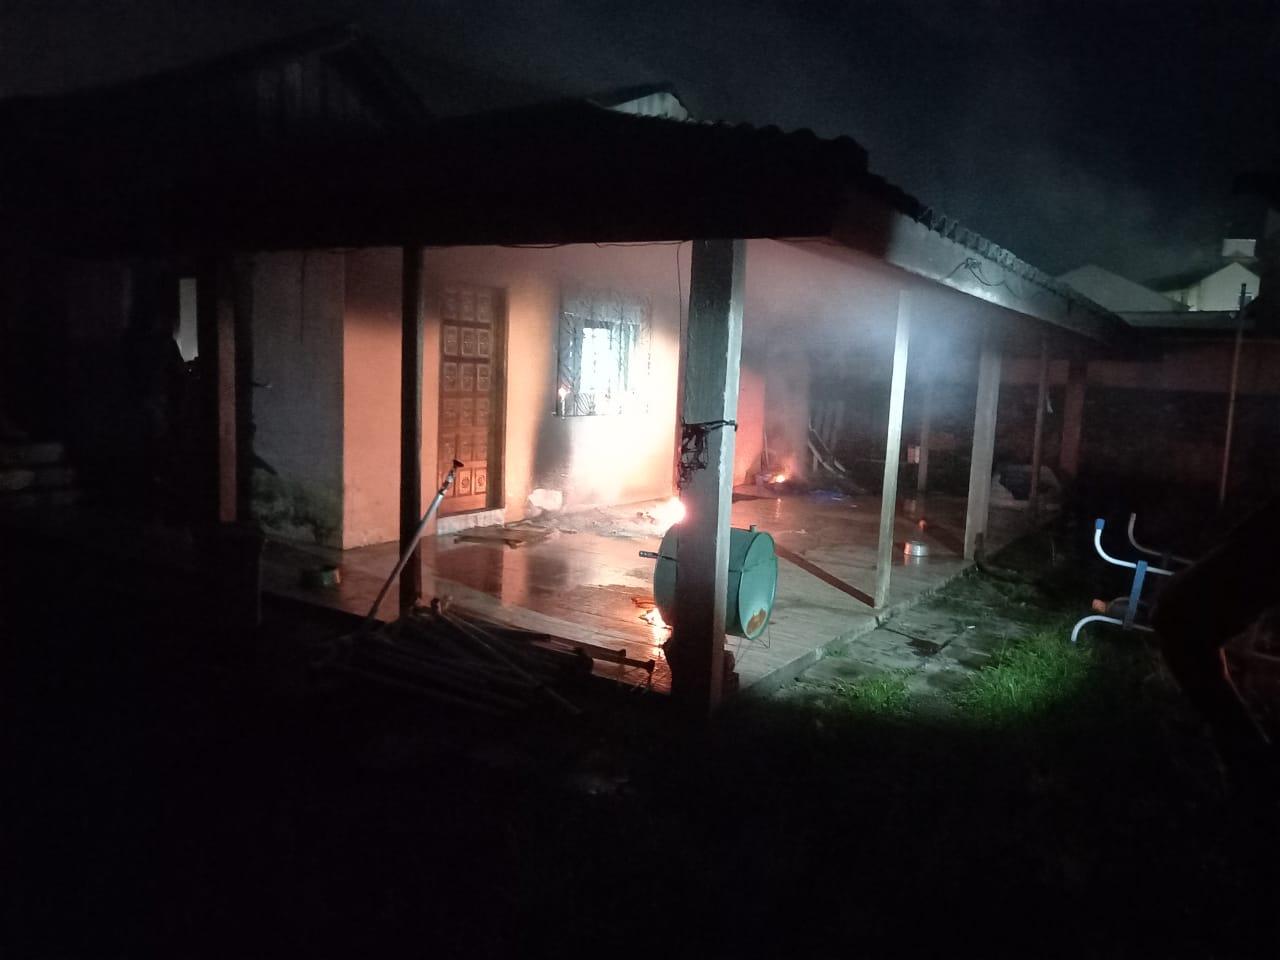 Casa que ficou em chamas